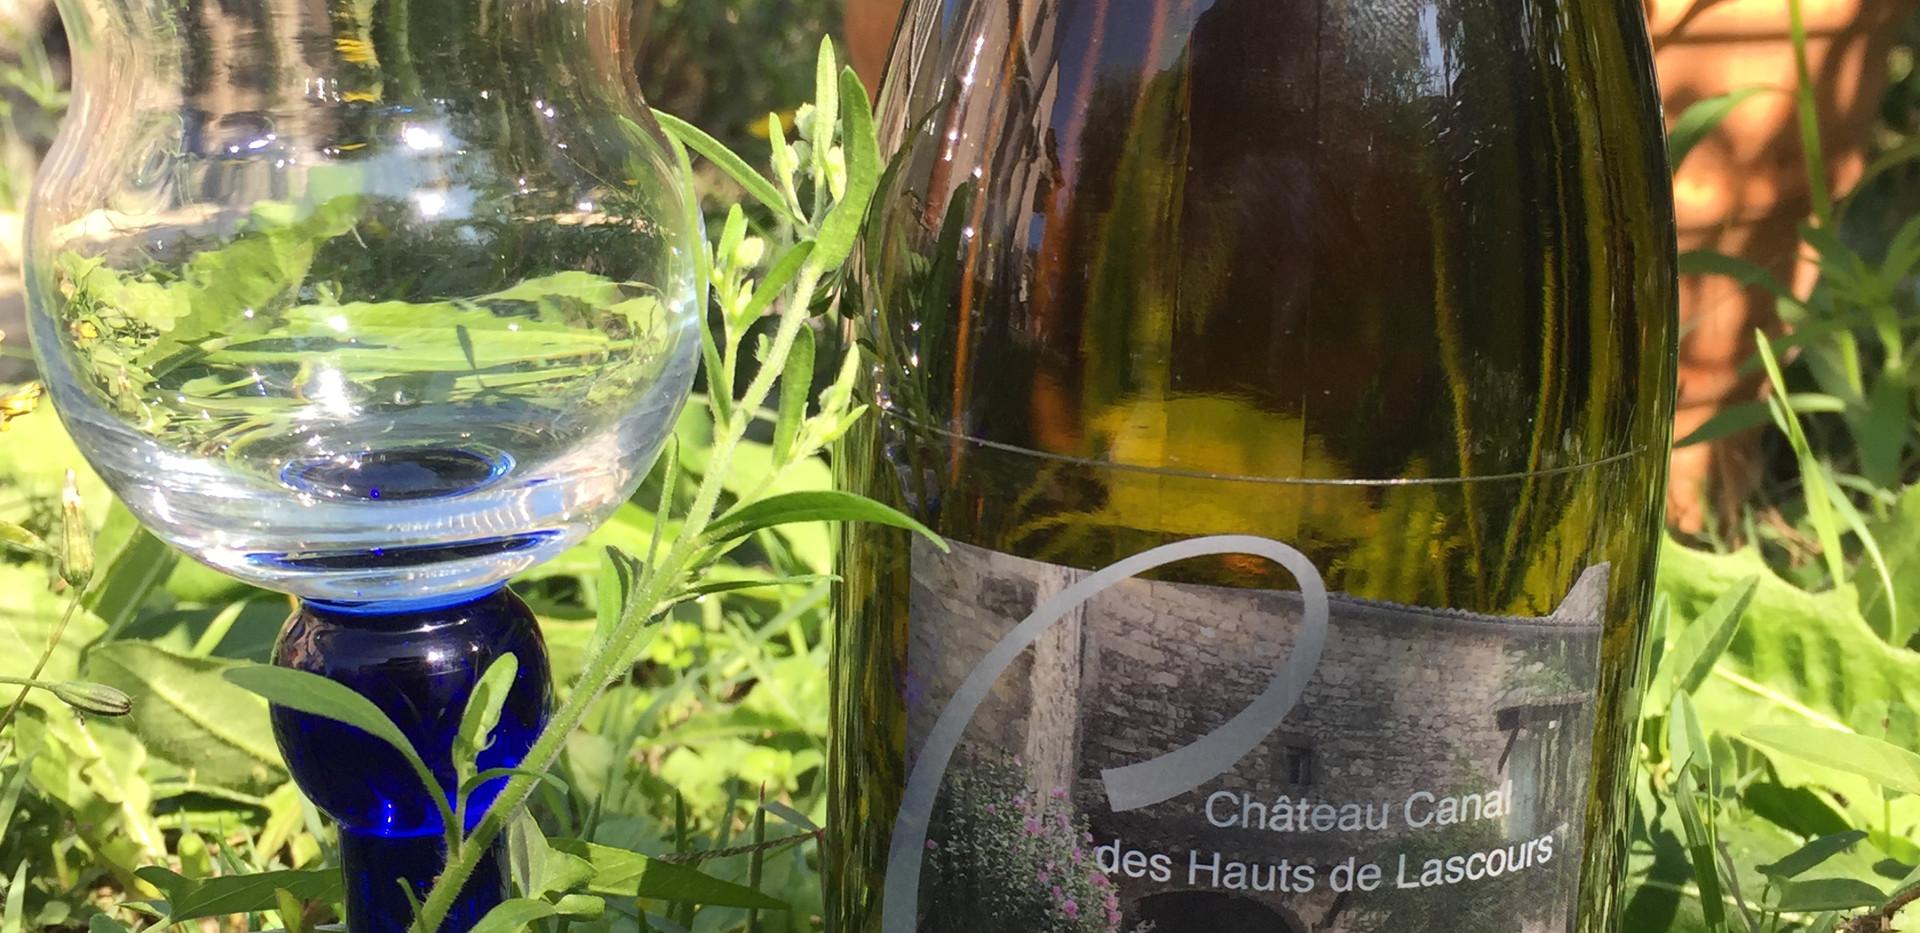 Etiquette de bouteille personnalisée